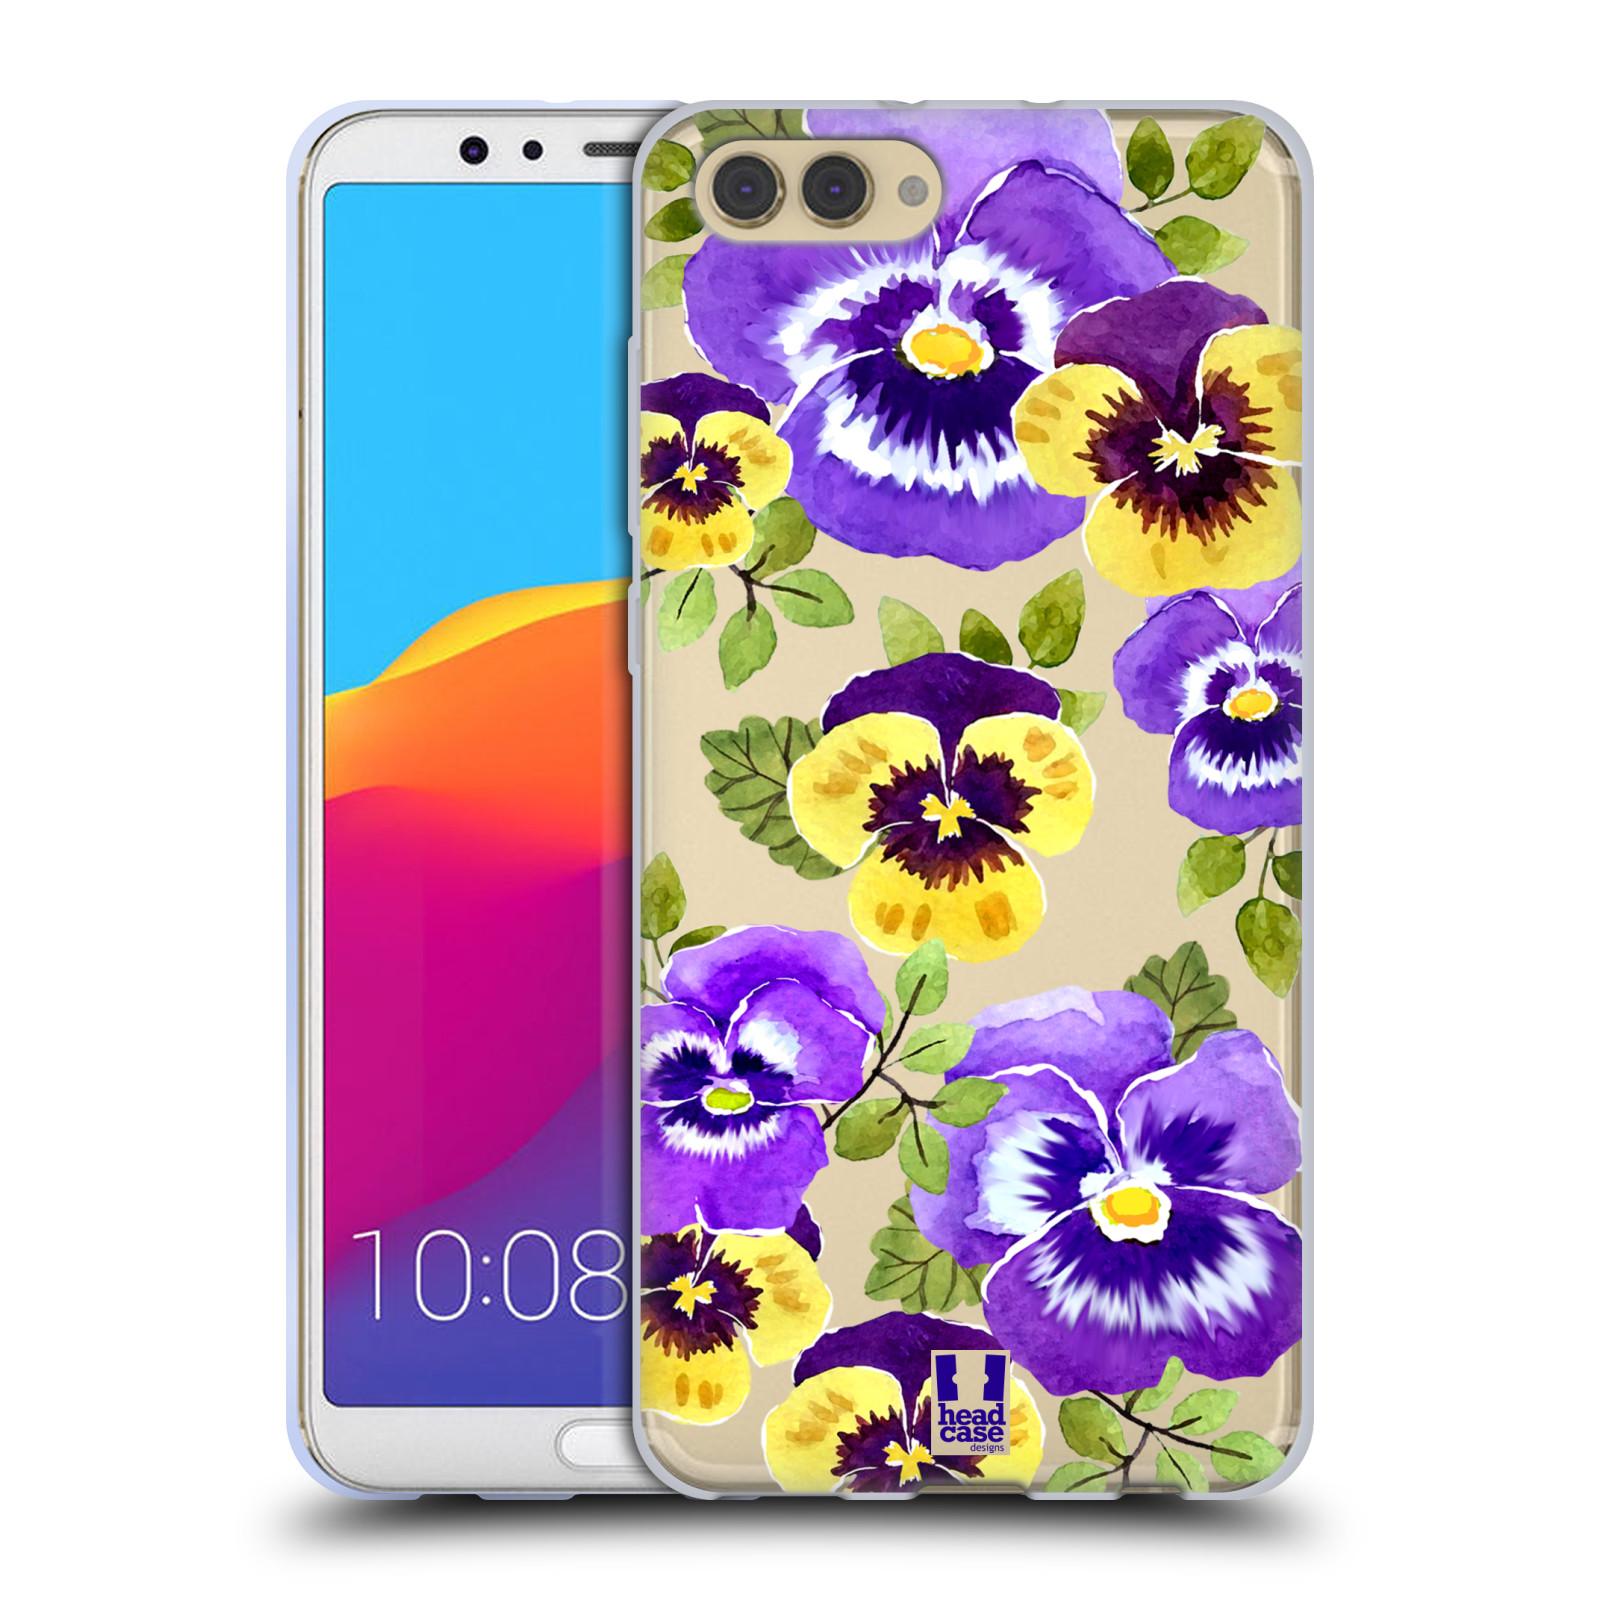 HEAD CASE silikonový obal na mobil Huawei HONOR VIEW 10 / V10 Maceška fialová barva